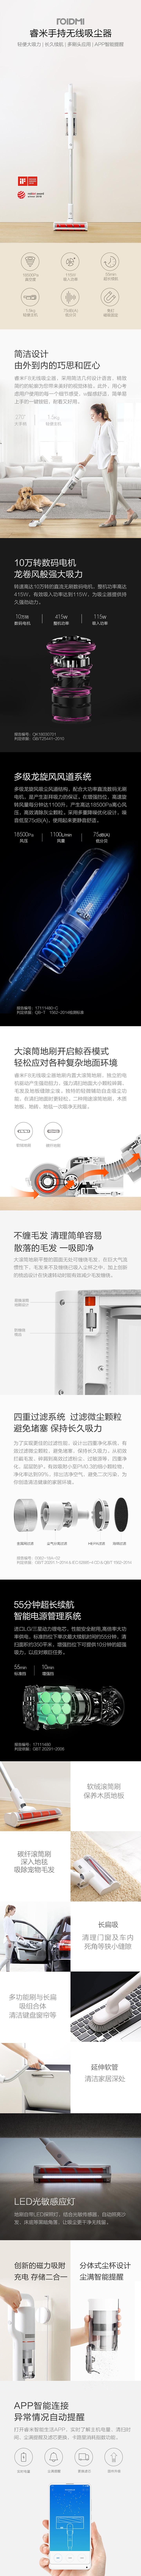 睿米手持无线吸尘器F8免费试用,评测